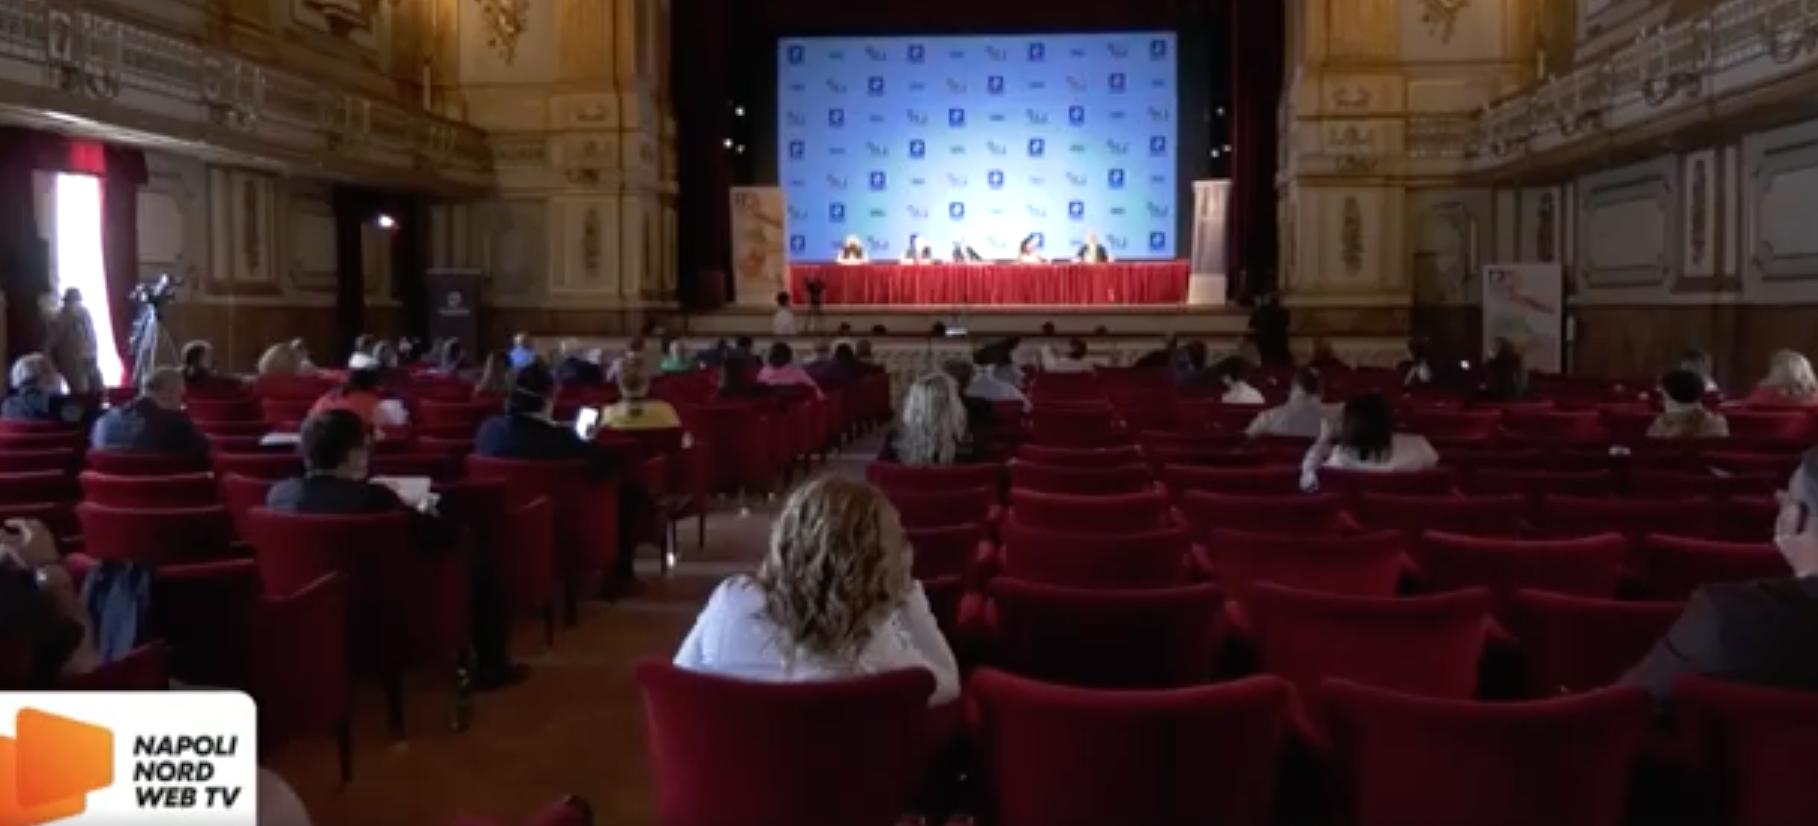 Napoli Teatro Festival 2020, a luglio gli eventi per sfatare la paura del covid19 VIDEO